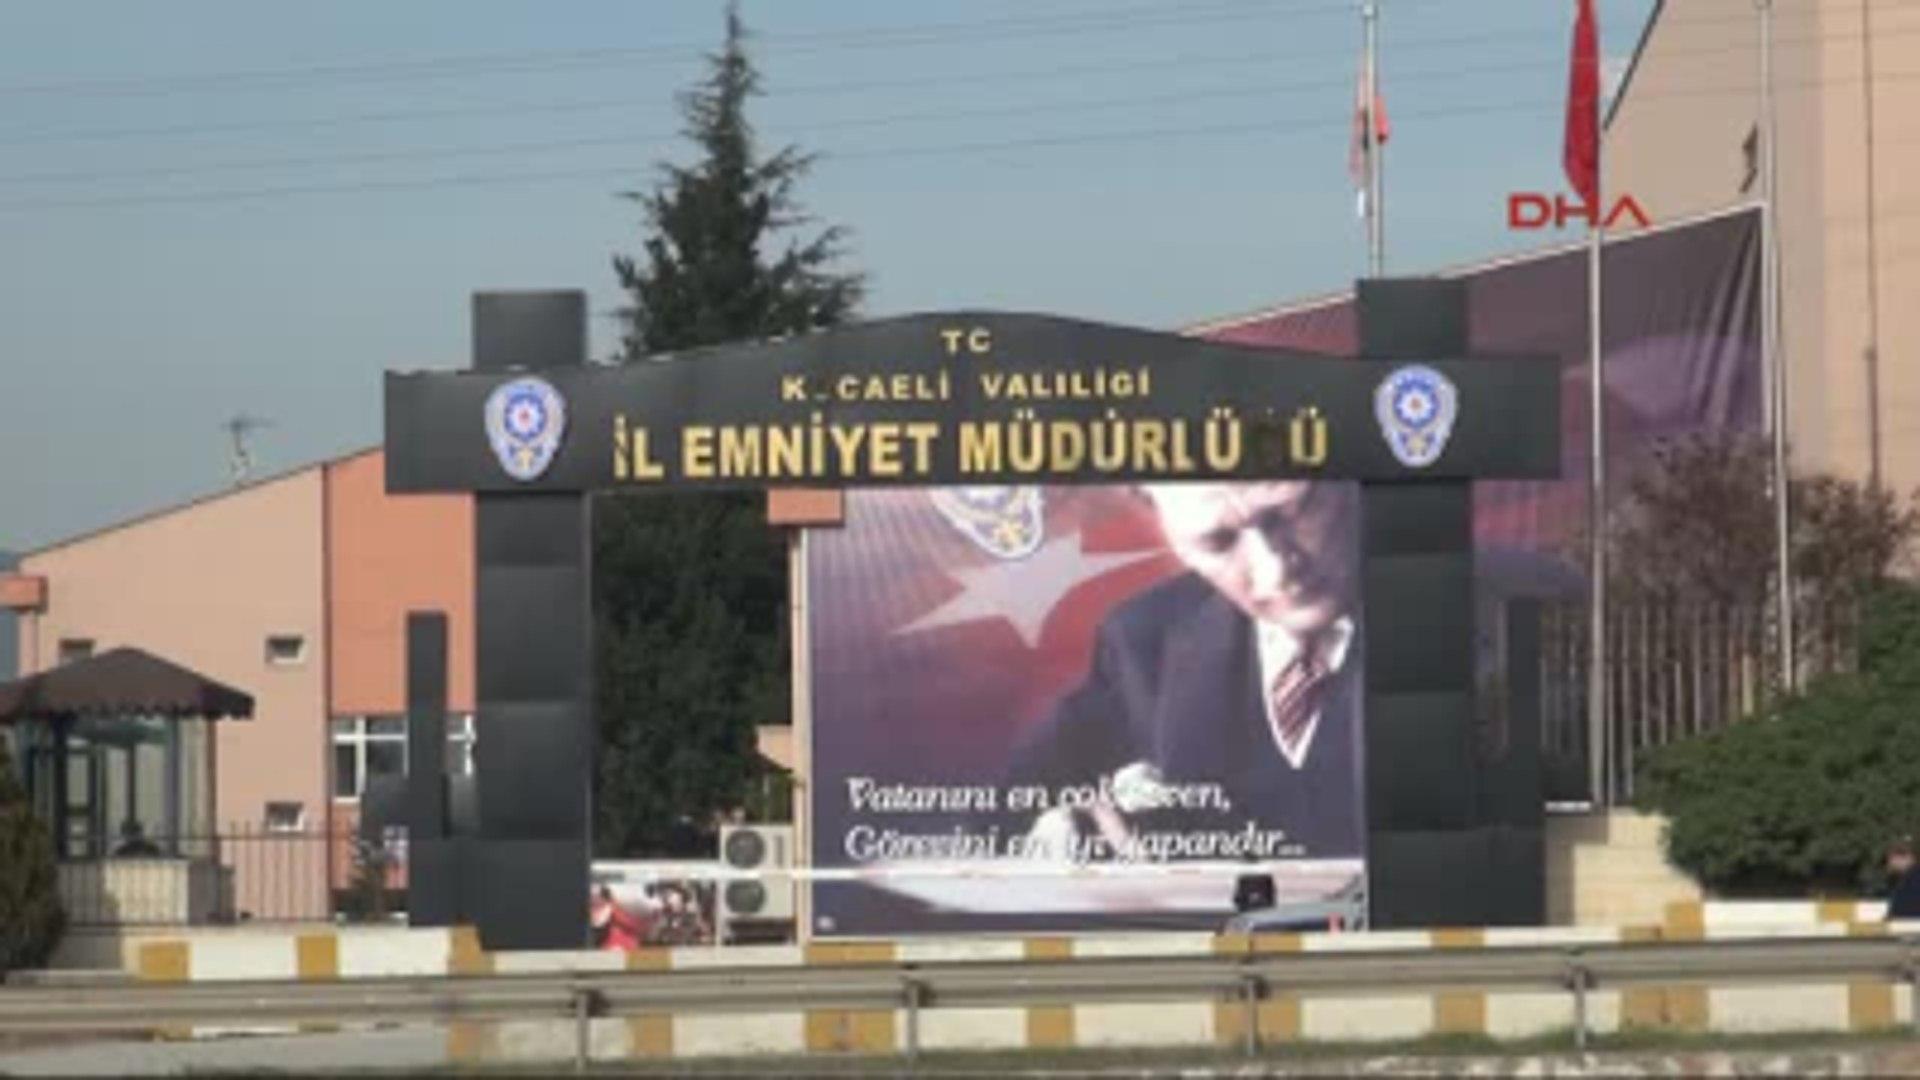 Kocaeli Gebze -Detay-Polis Tübitak'ın Gebze Yerleşkesine Girdi